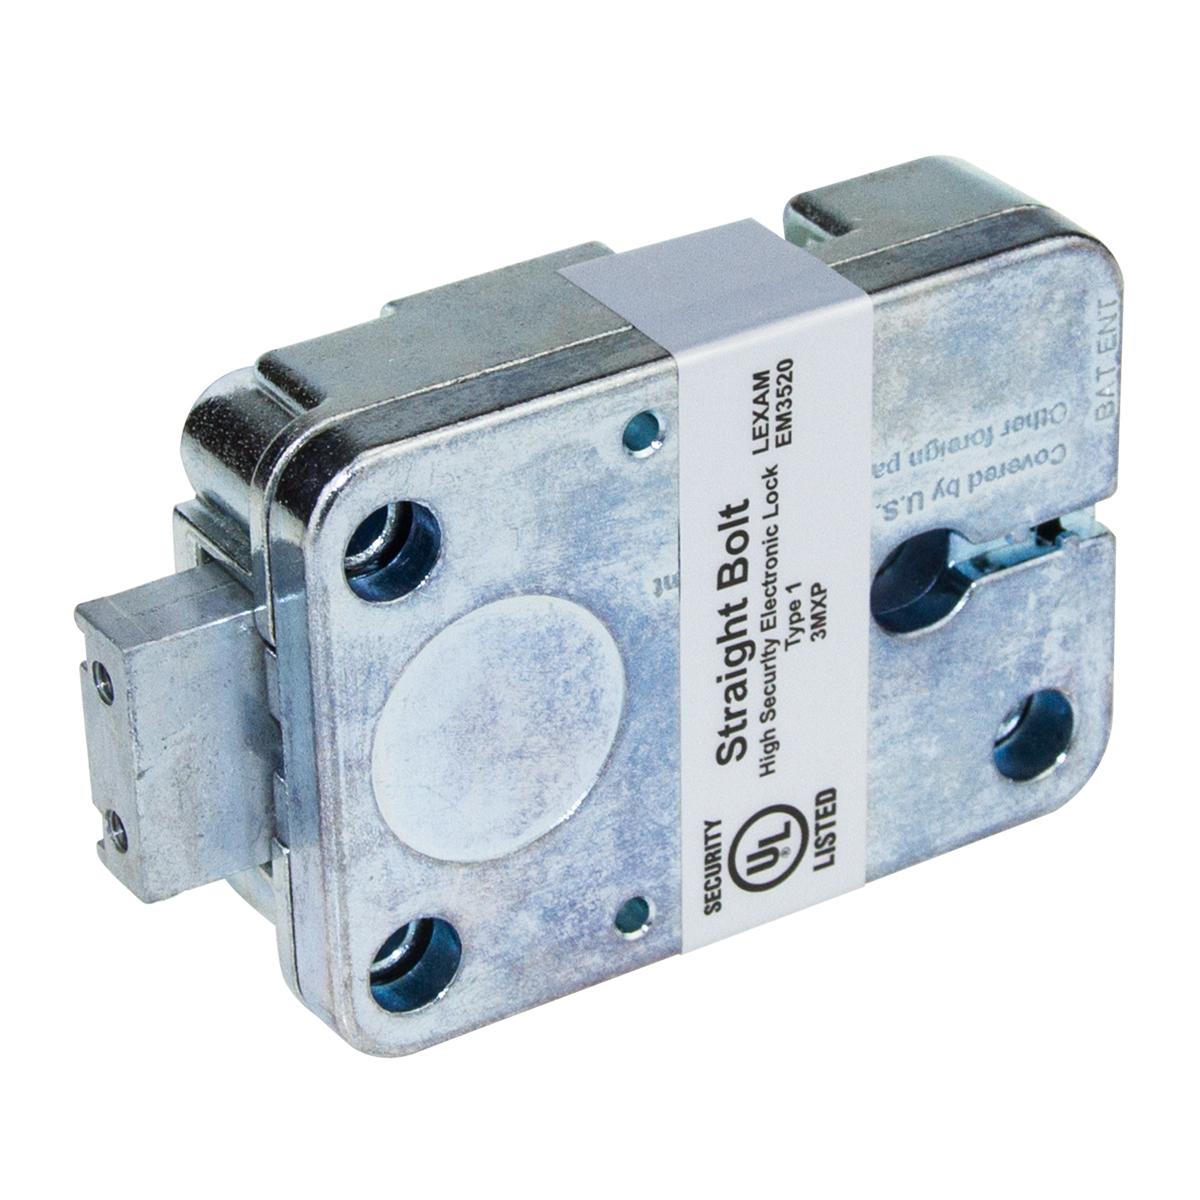 kcolefas u.l. listed dead bolt electronic safe lock 30292